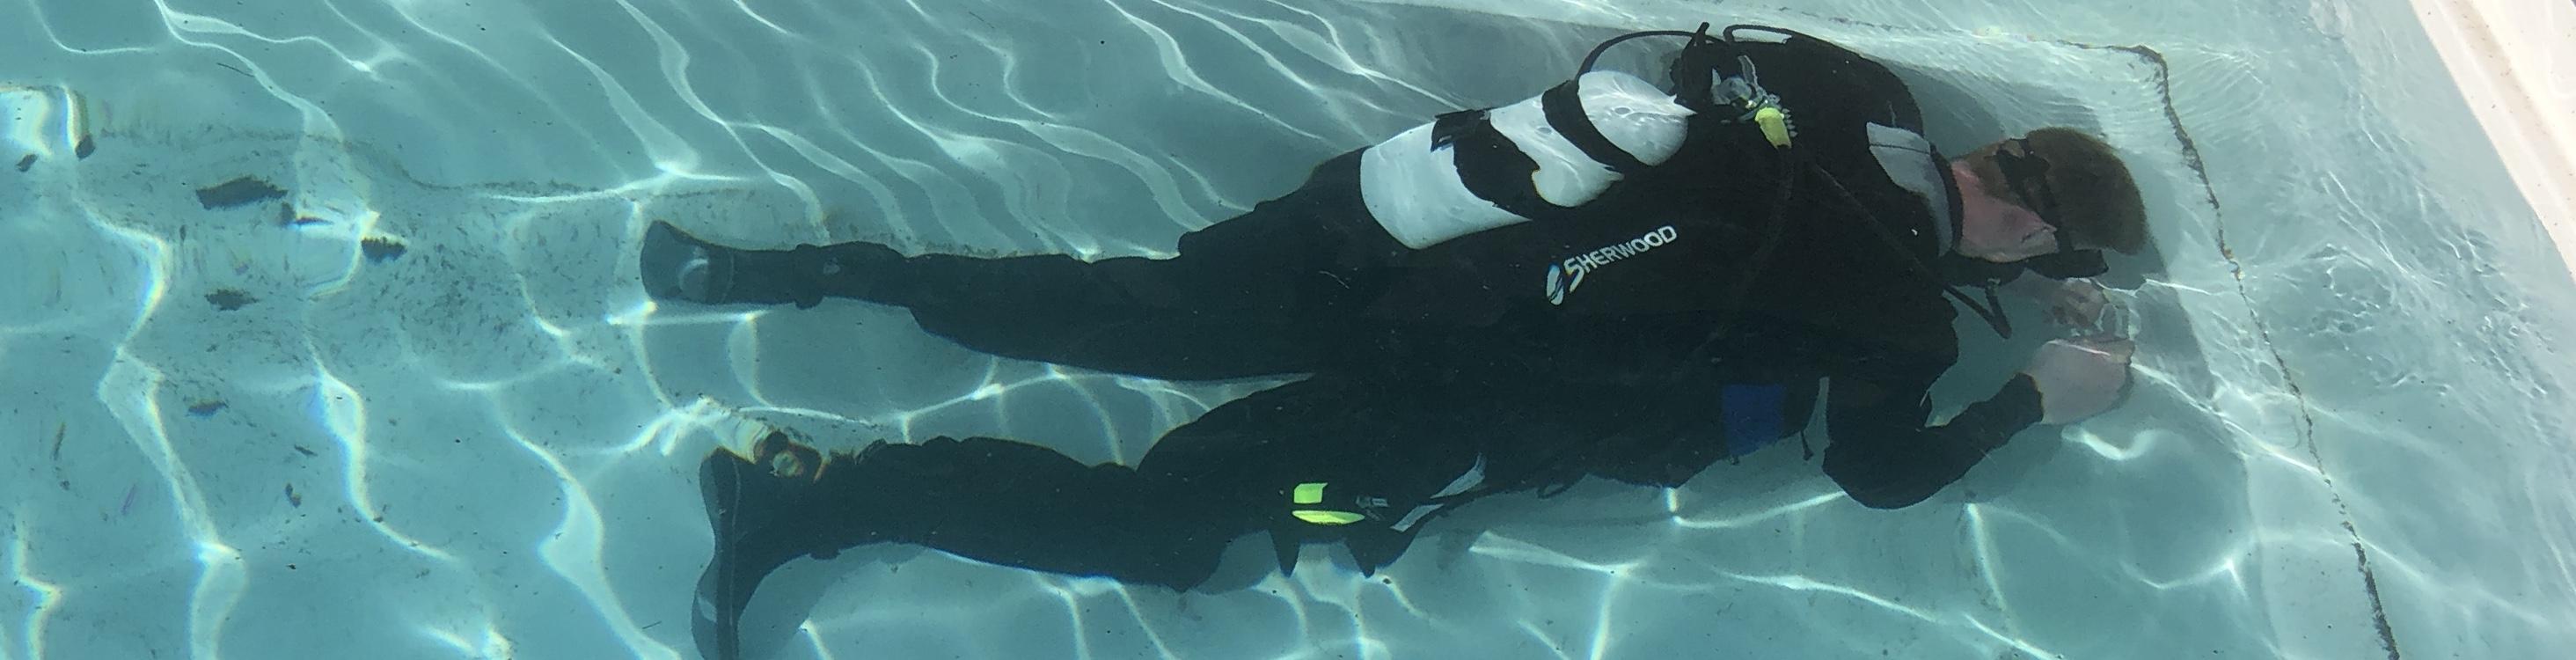 Zwembad lekdetectie